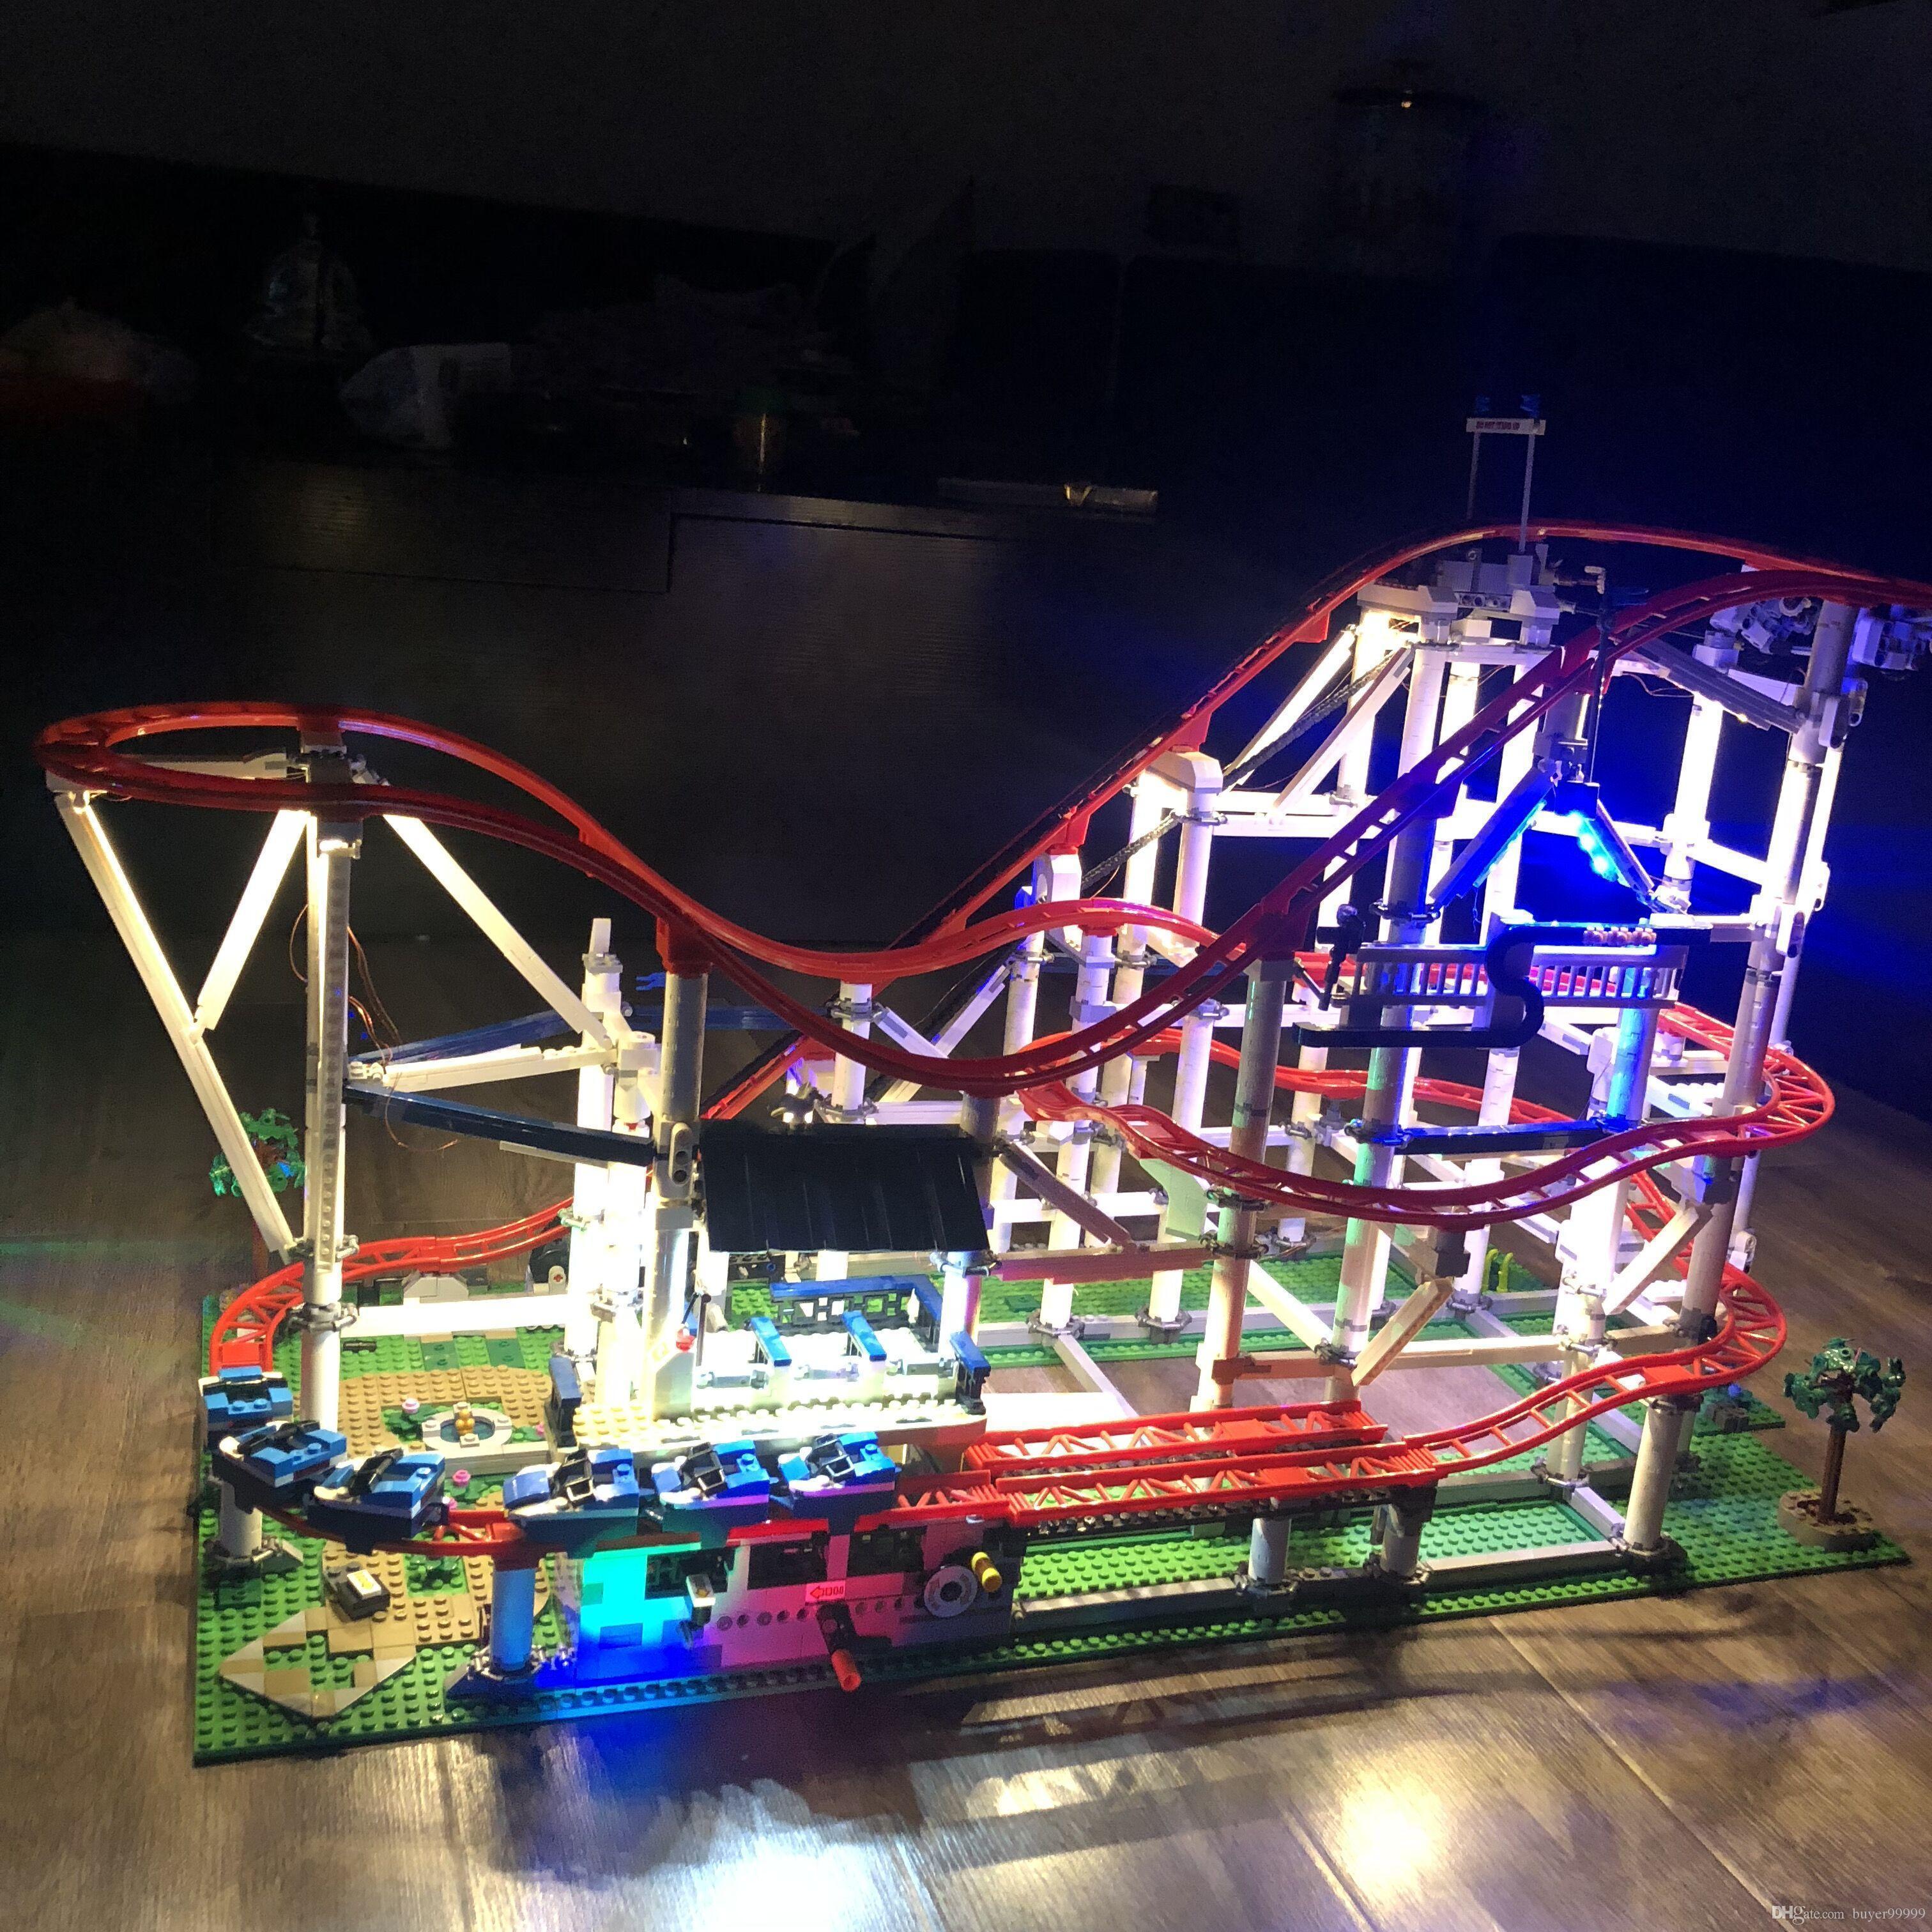 الخالق الخبراء الرول كوستر مجموعة ضوء LED لمتوافق IEGOset 10261 15039 بناء كتل الطوب اللعب هدايا